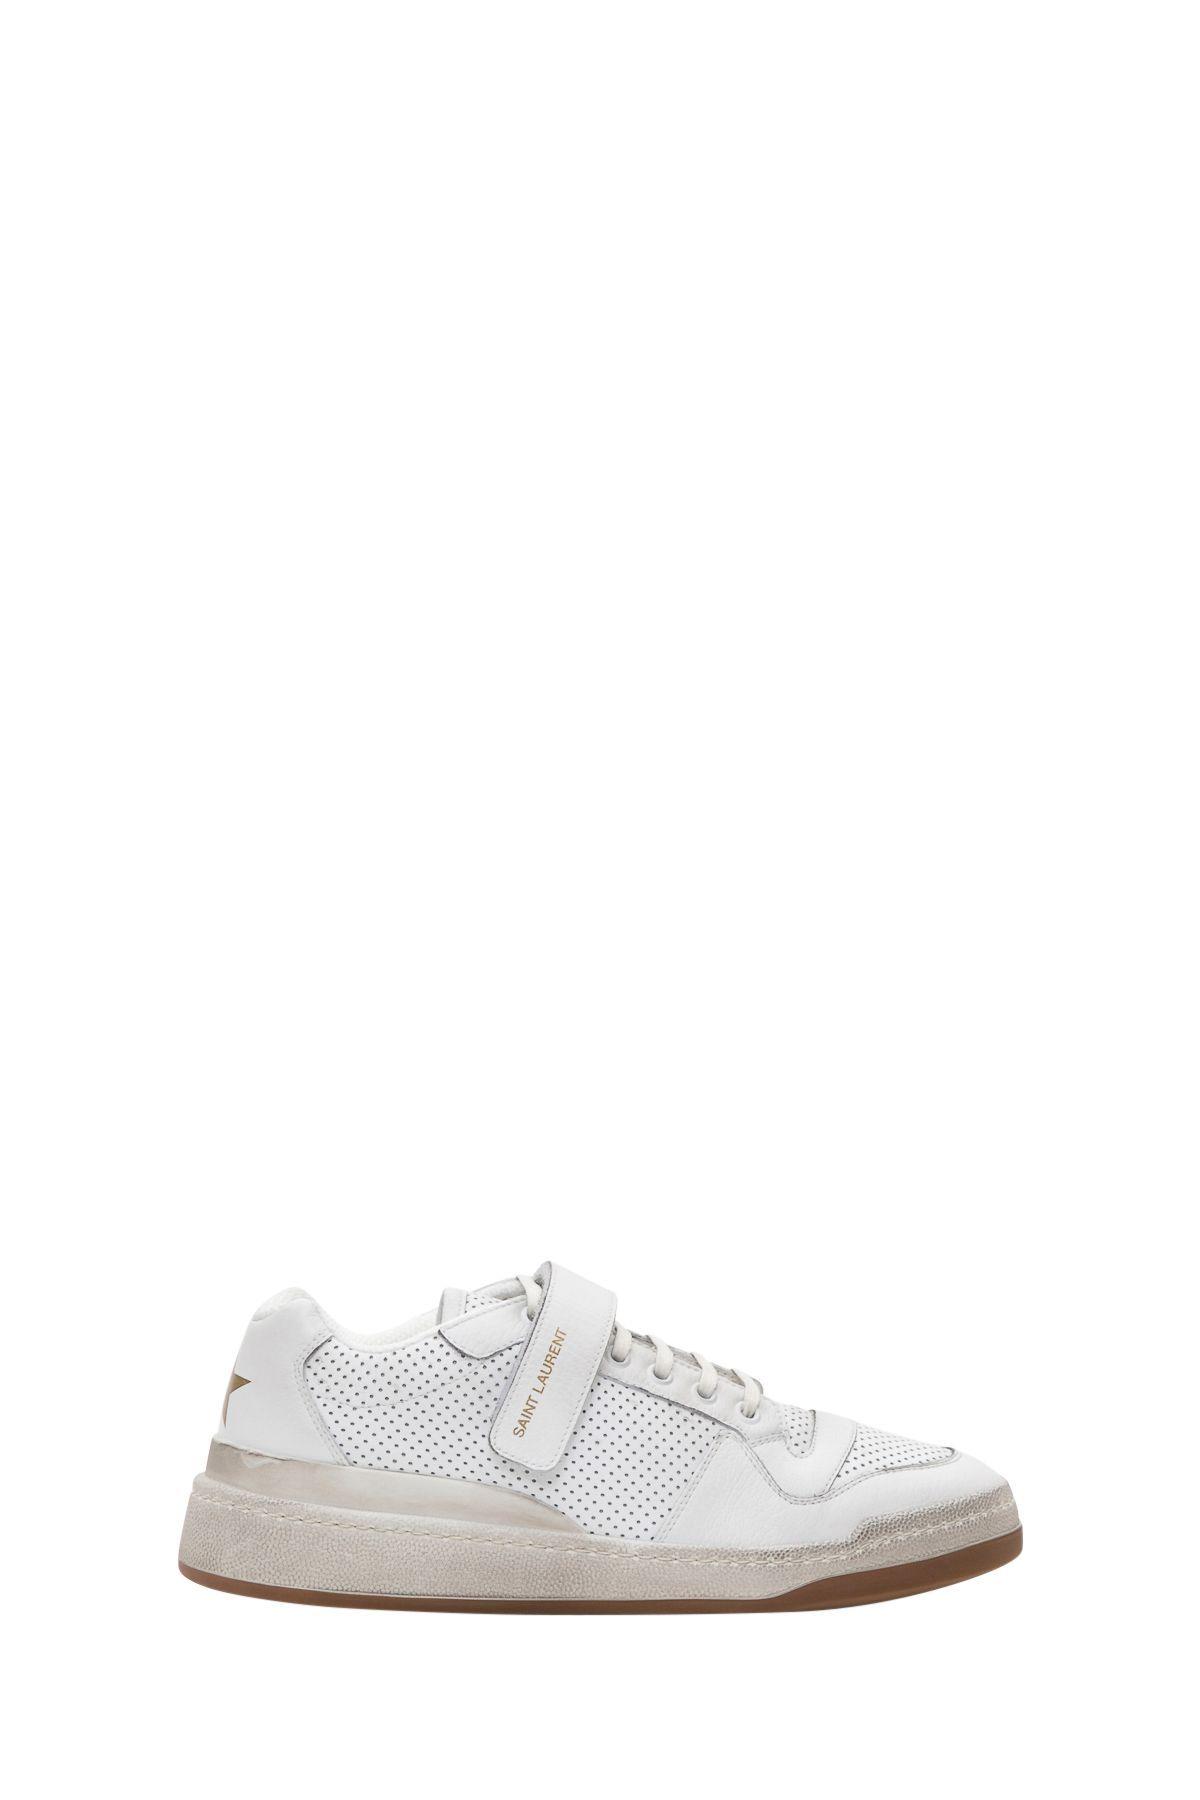 Saint Laurent Travis Sneaker In Used